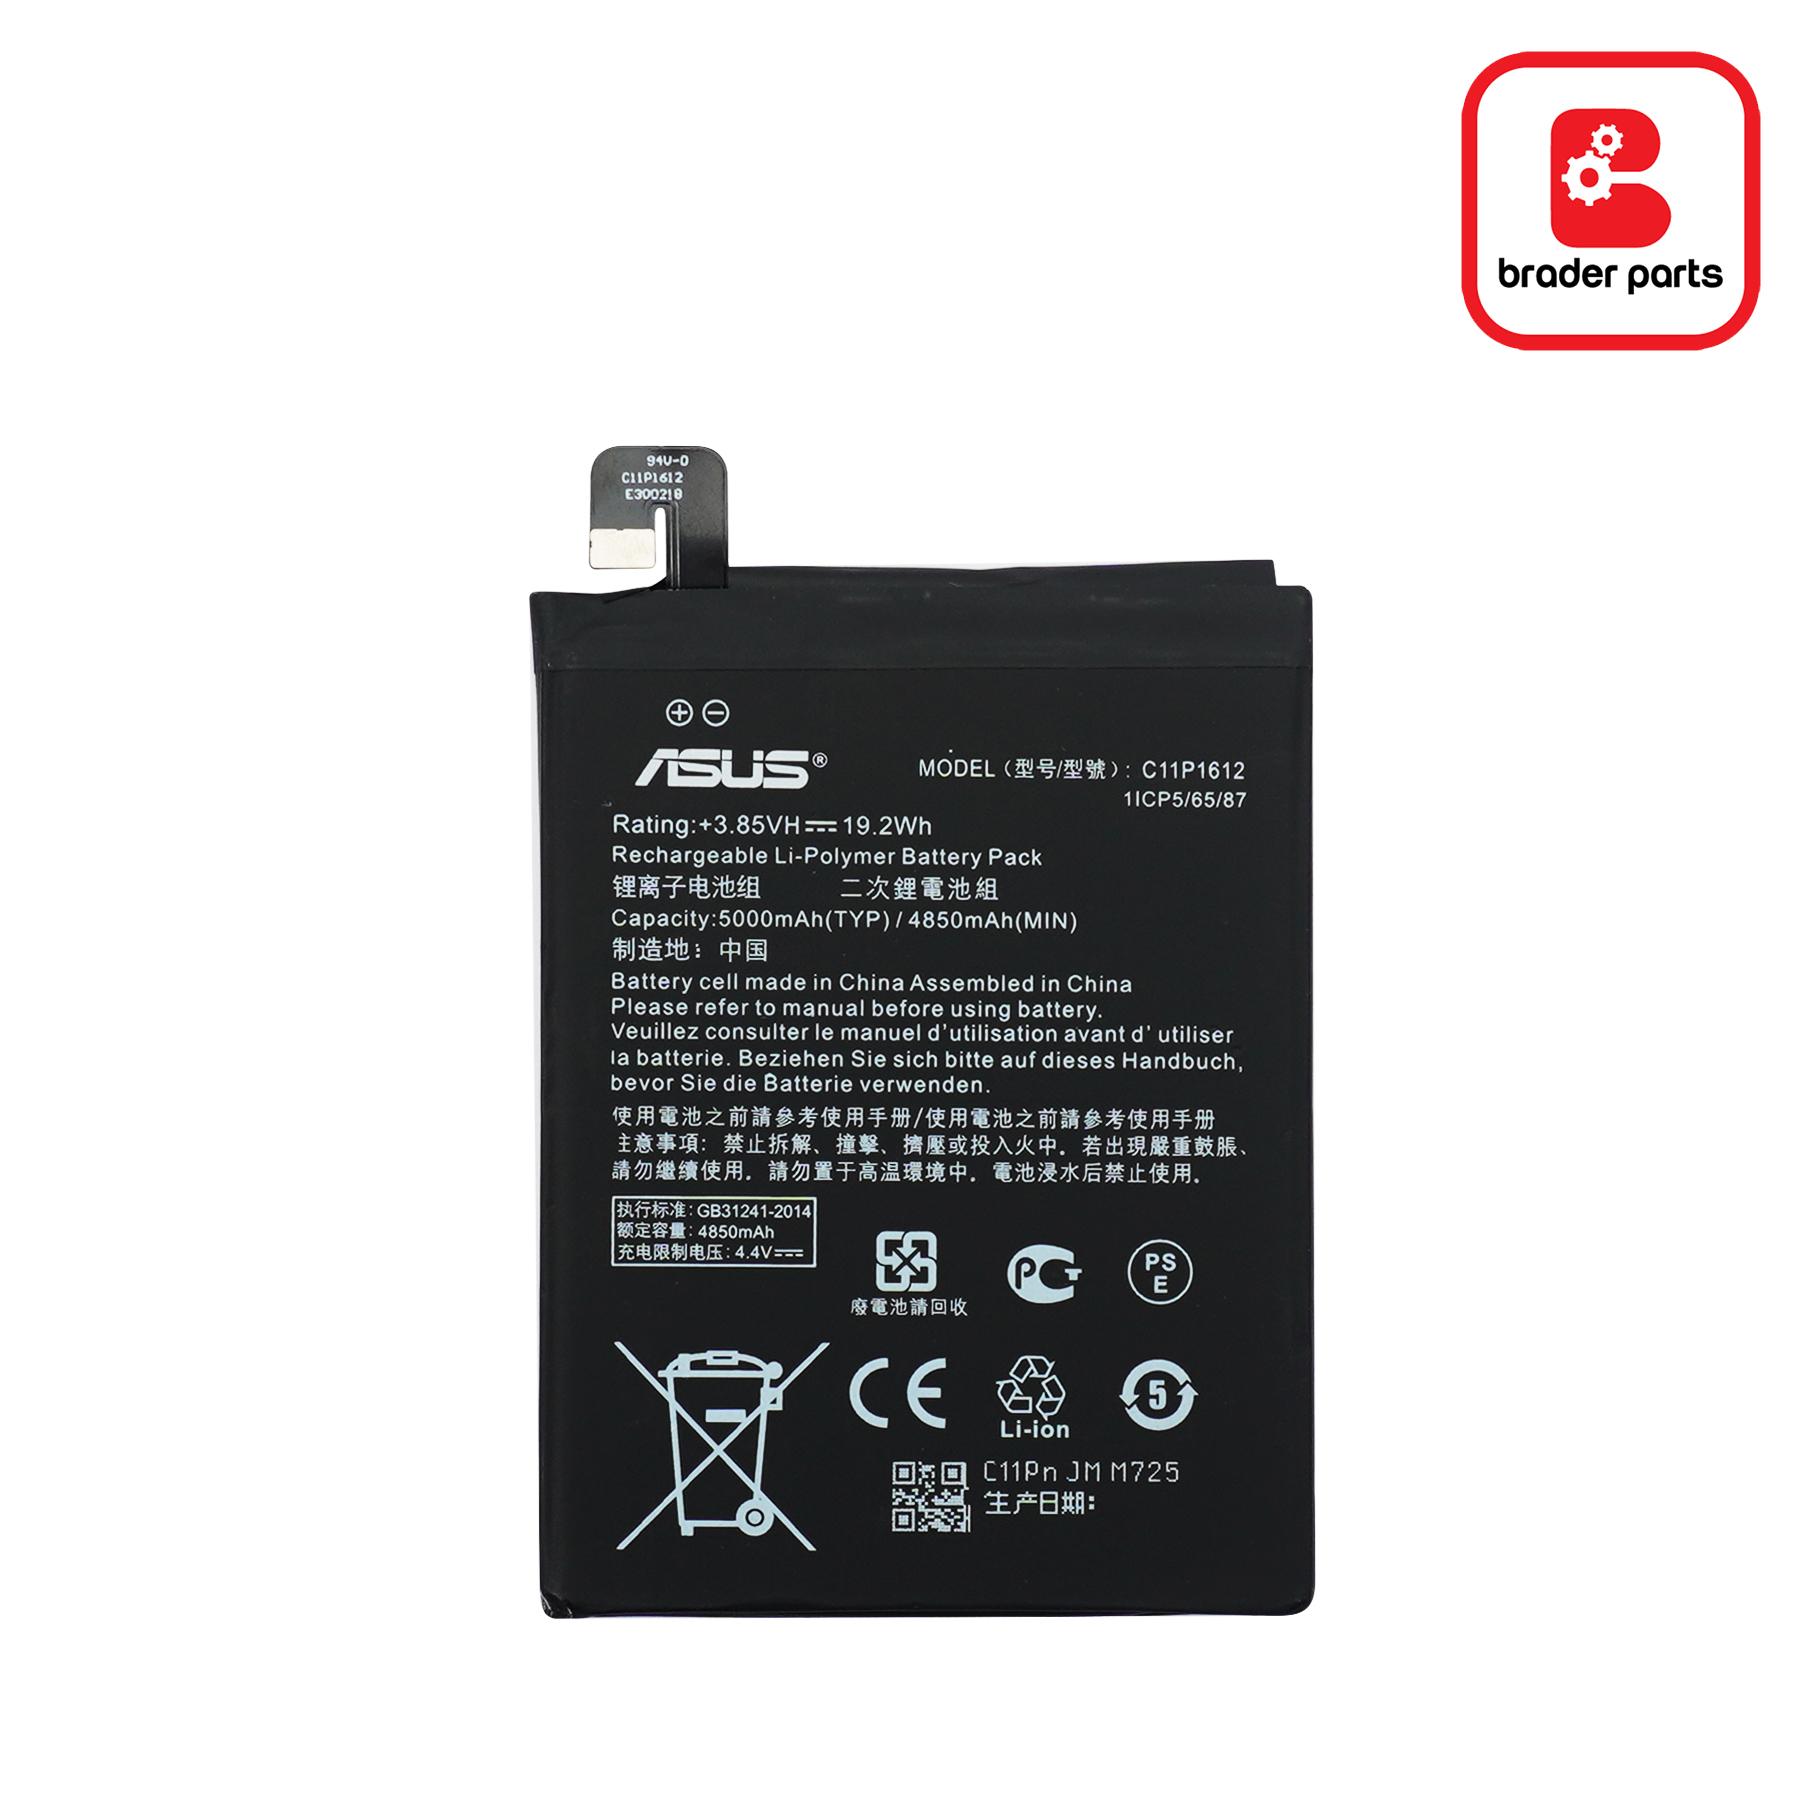 Baterai Asus Zenfone 4 Max Pro ZC554KL C11P1612